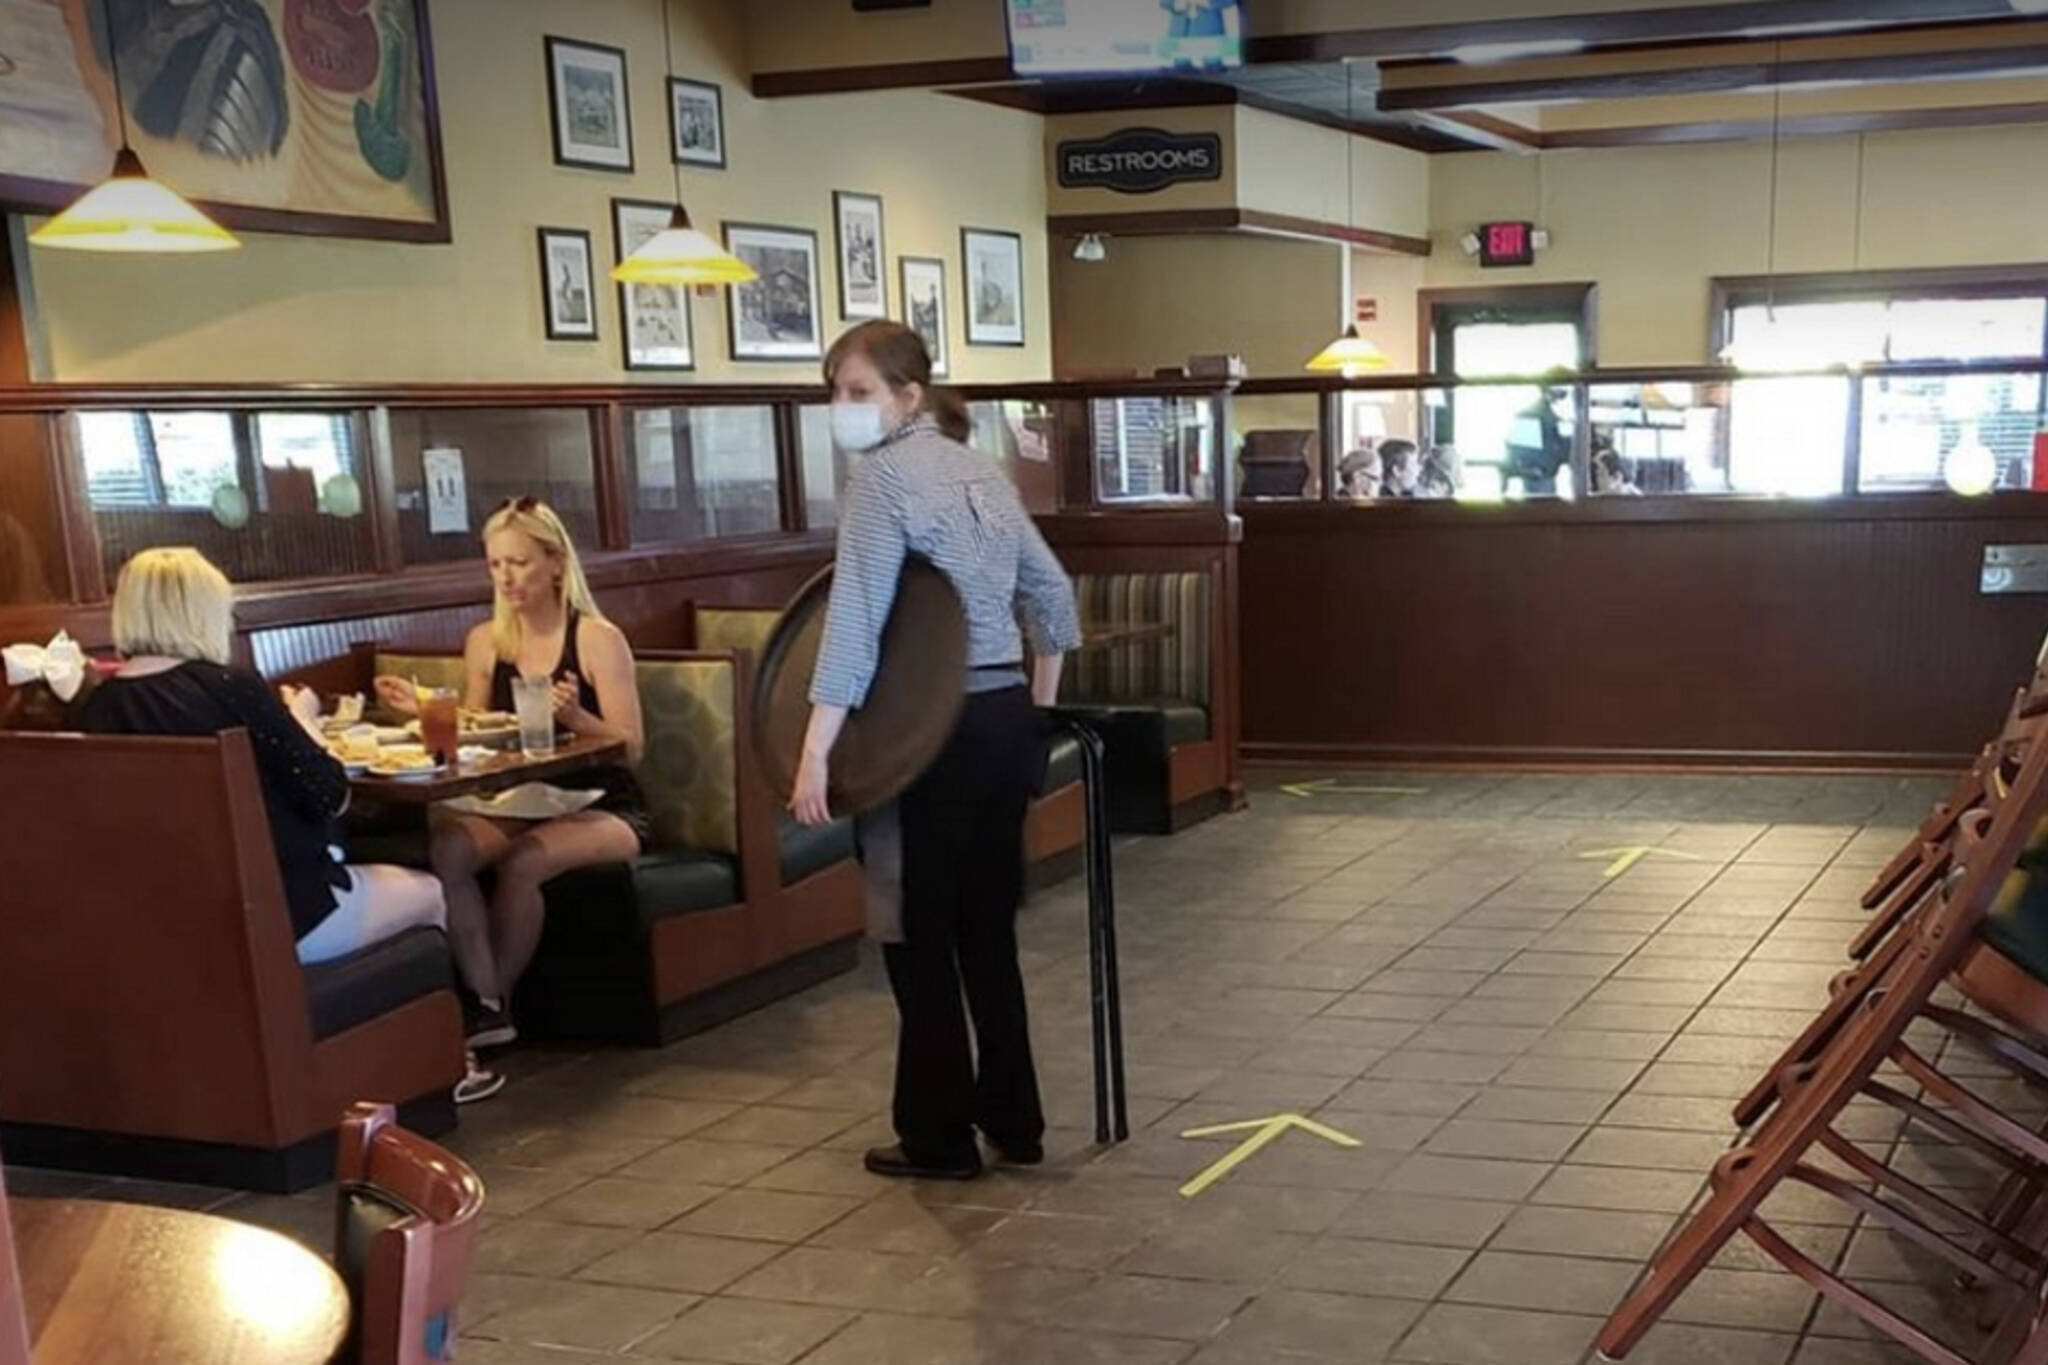 restaurants reopen canada